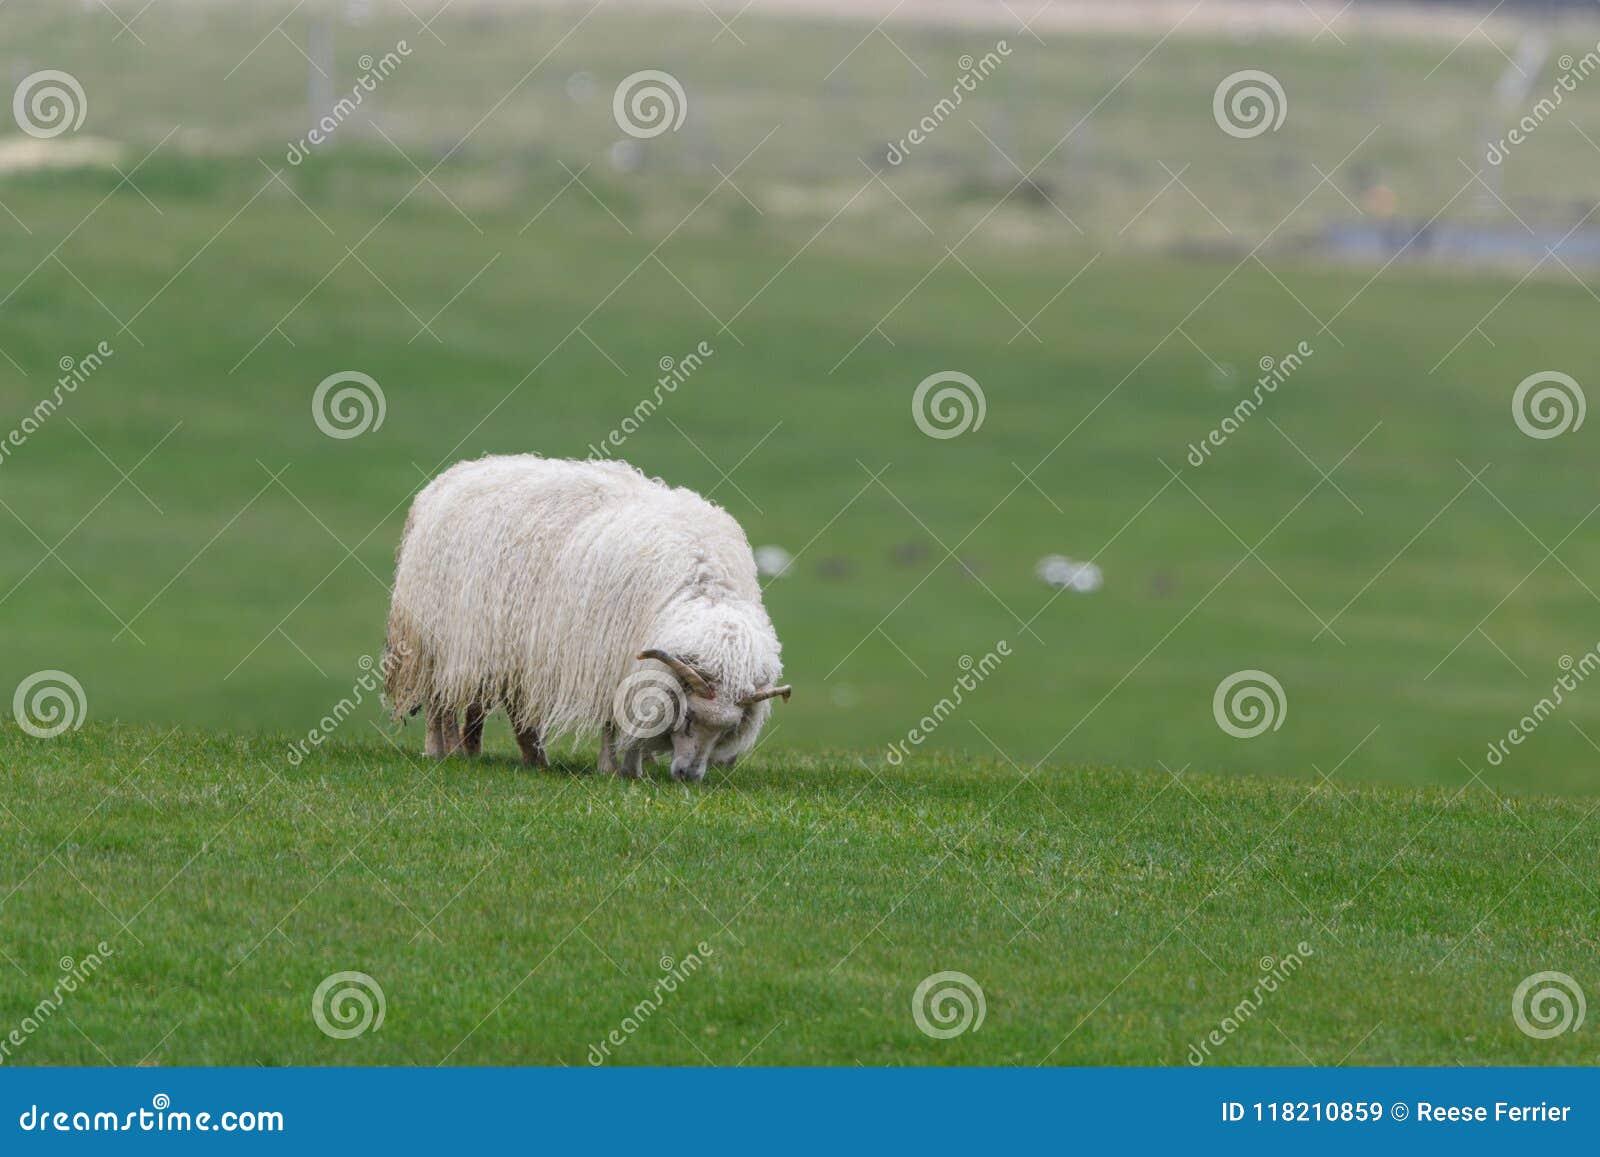 Isländisches Schafe Ãslenska-sauðkindin